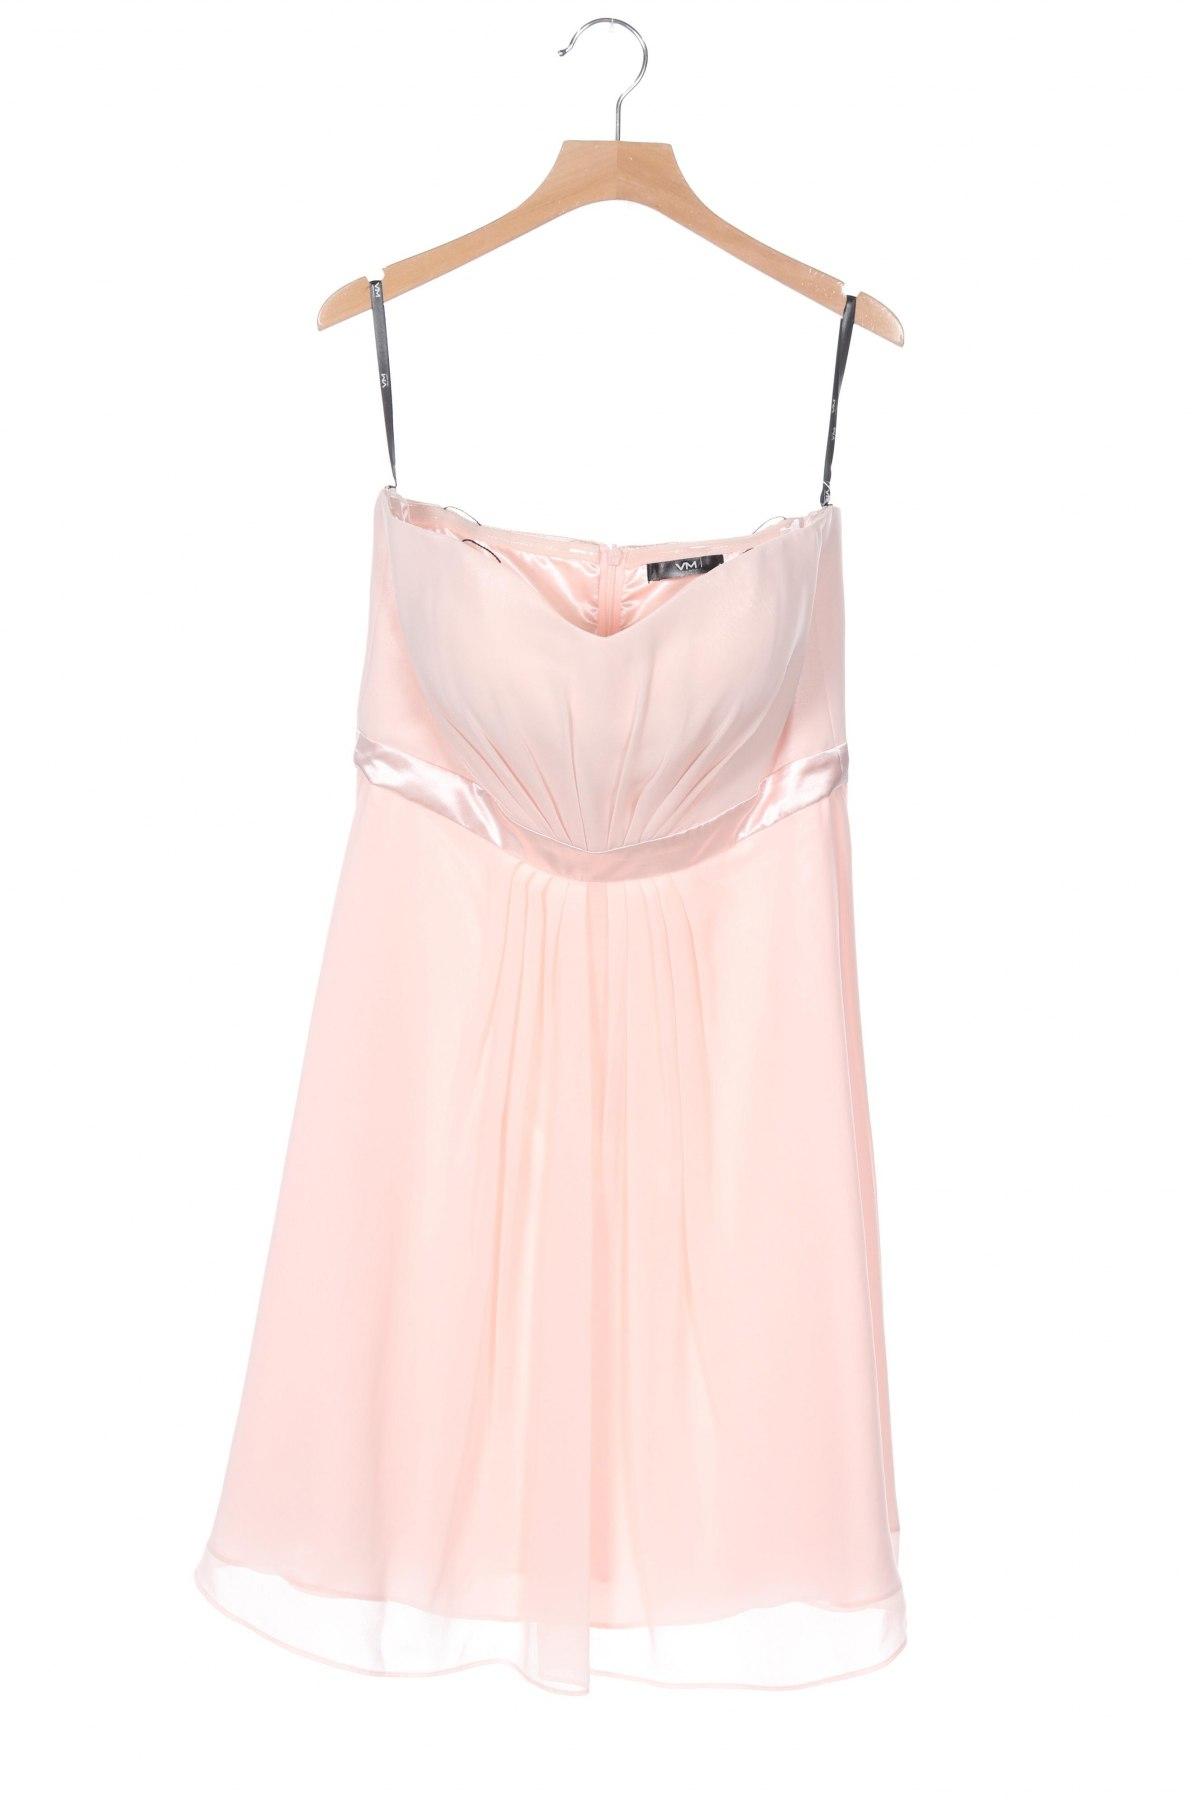 Φόρεμα Vera Mont, Μέγεθος XXS, Χρώμα Ρόζ , Πολυεστέρας, Τιμή 17,54€